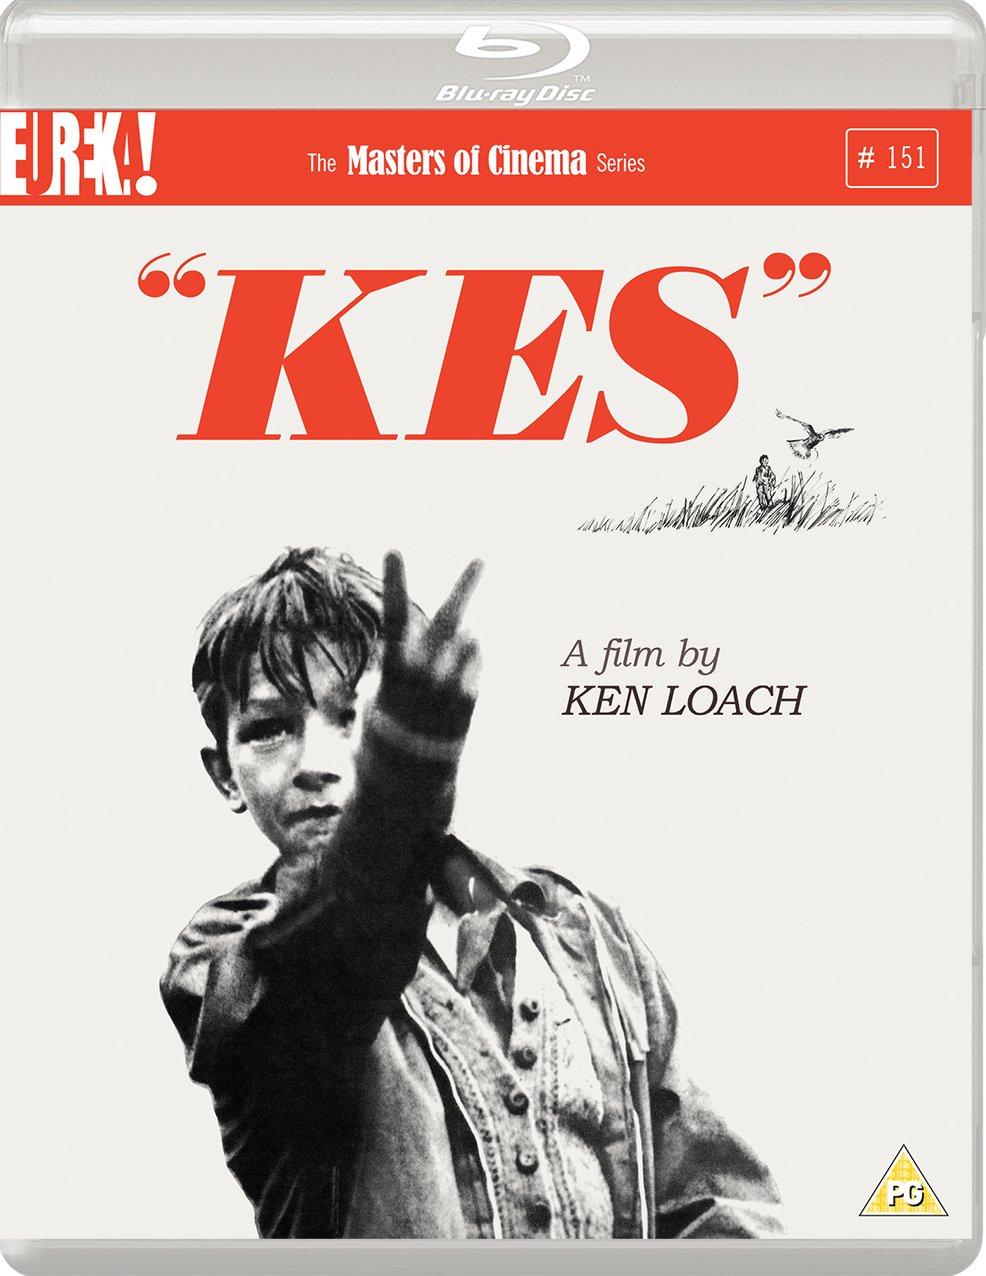 Kes - A film by Ken Loach